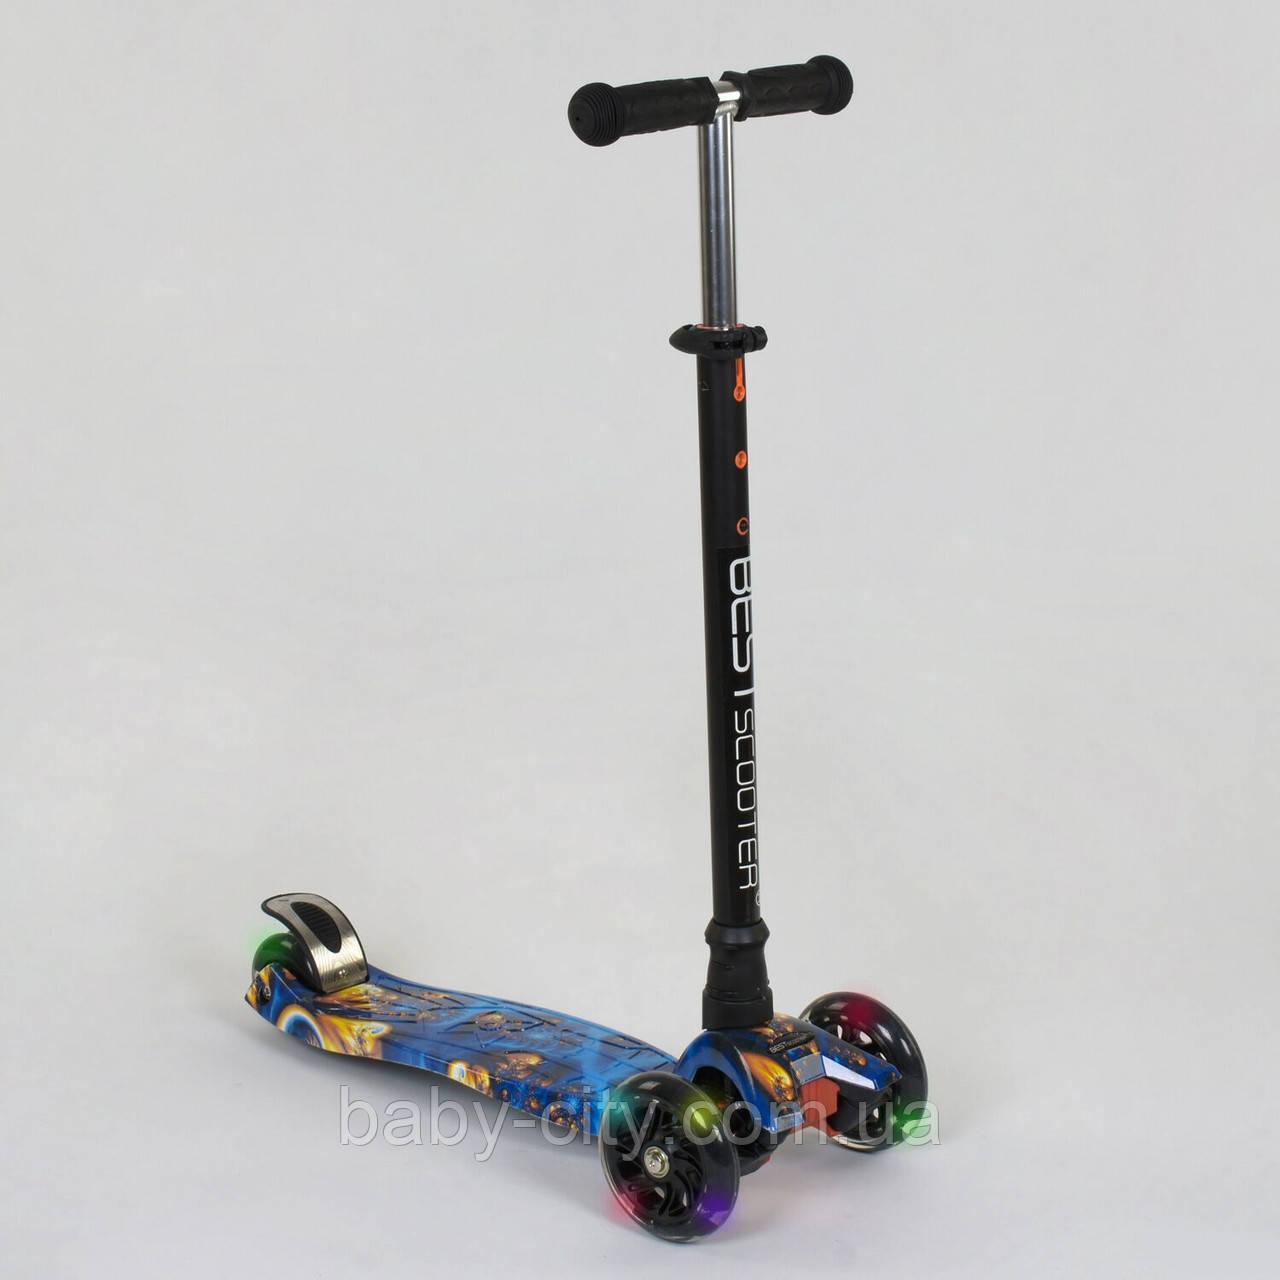 Самокат Best Scooter Maxi А 25536 / 779-1334, светящиеся PU колеса